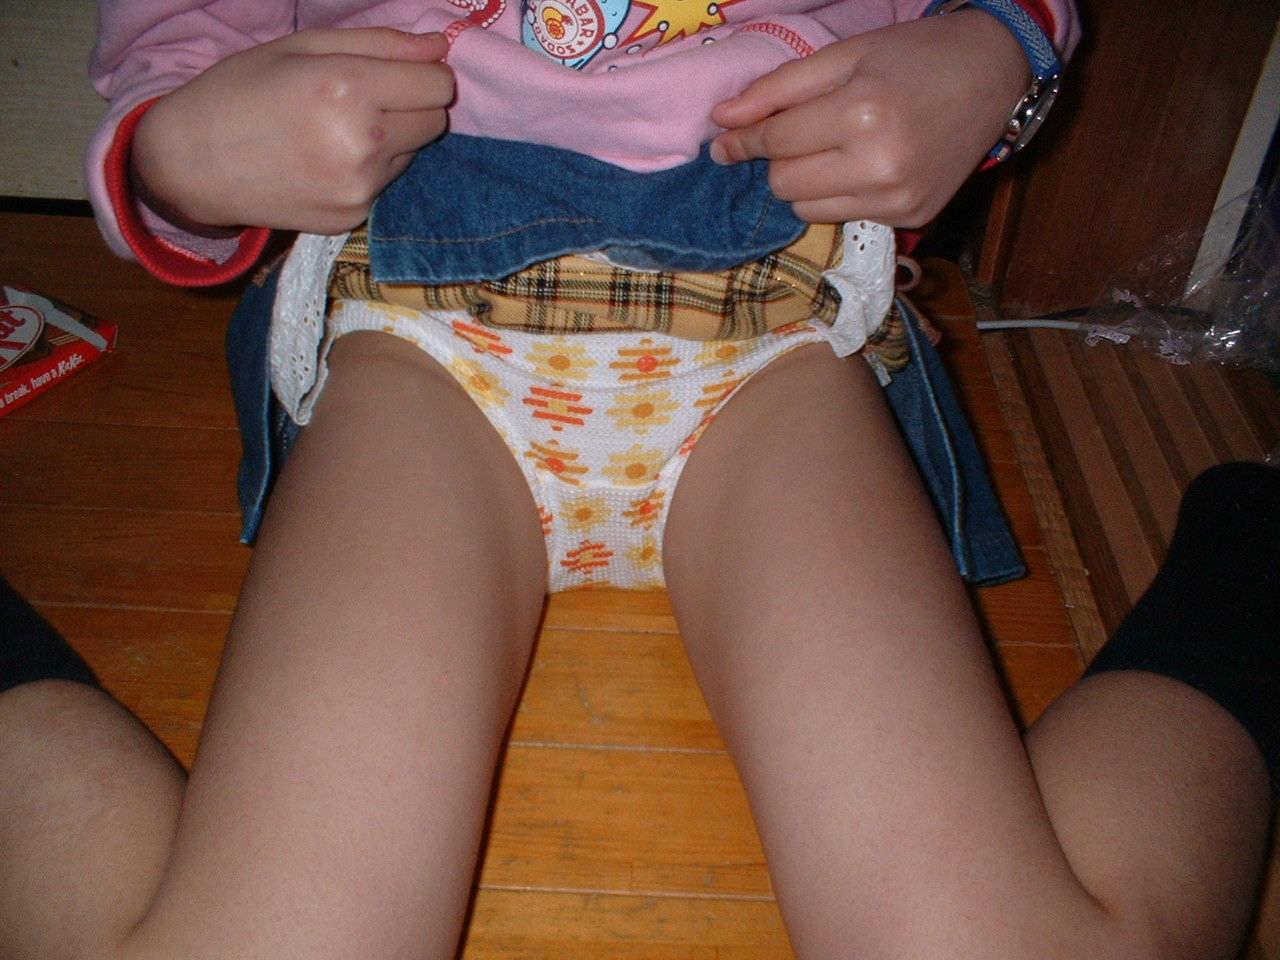 ロリロリなパンティー履いてお兄ちゃんをからかってるガチ妹のエロ画像 120